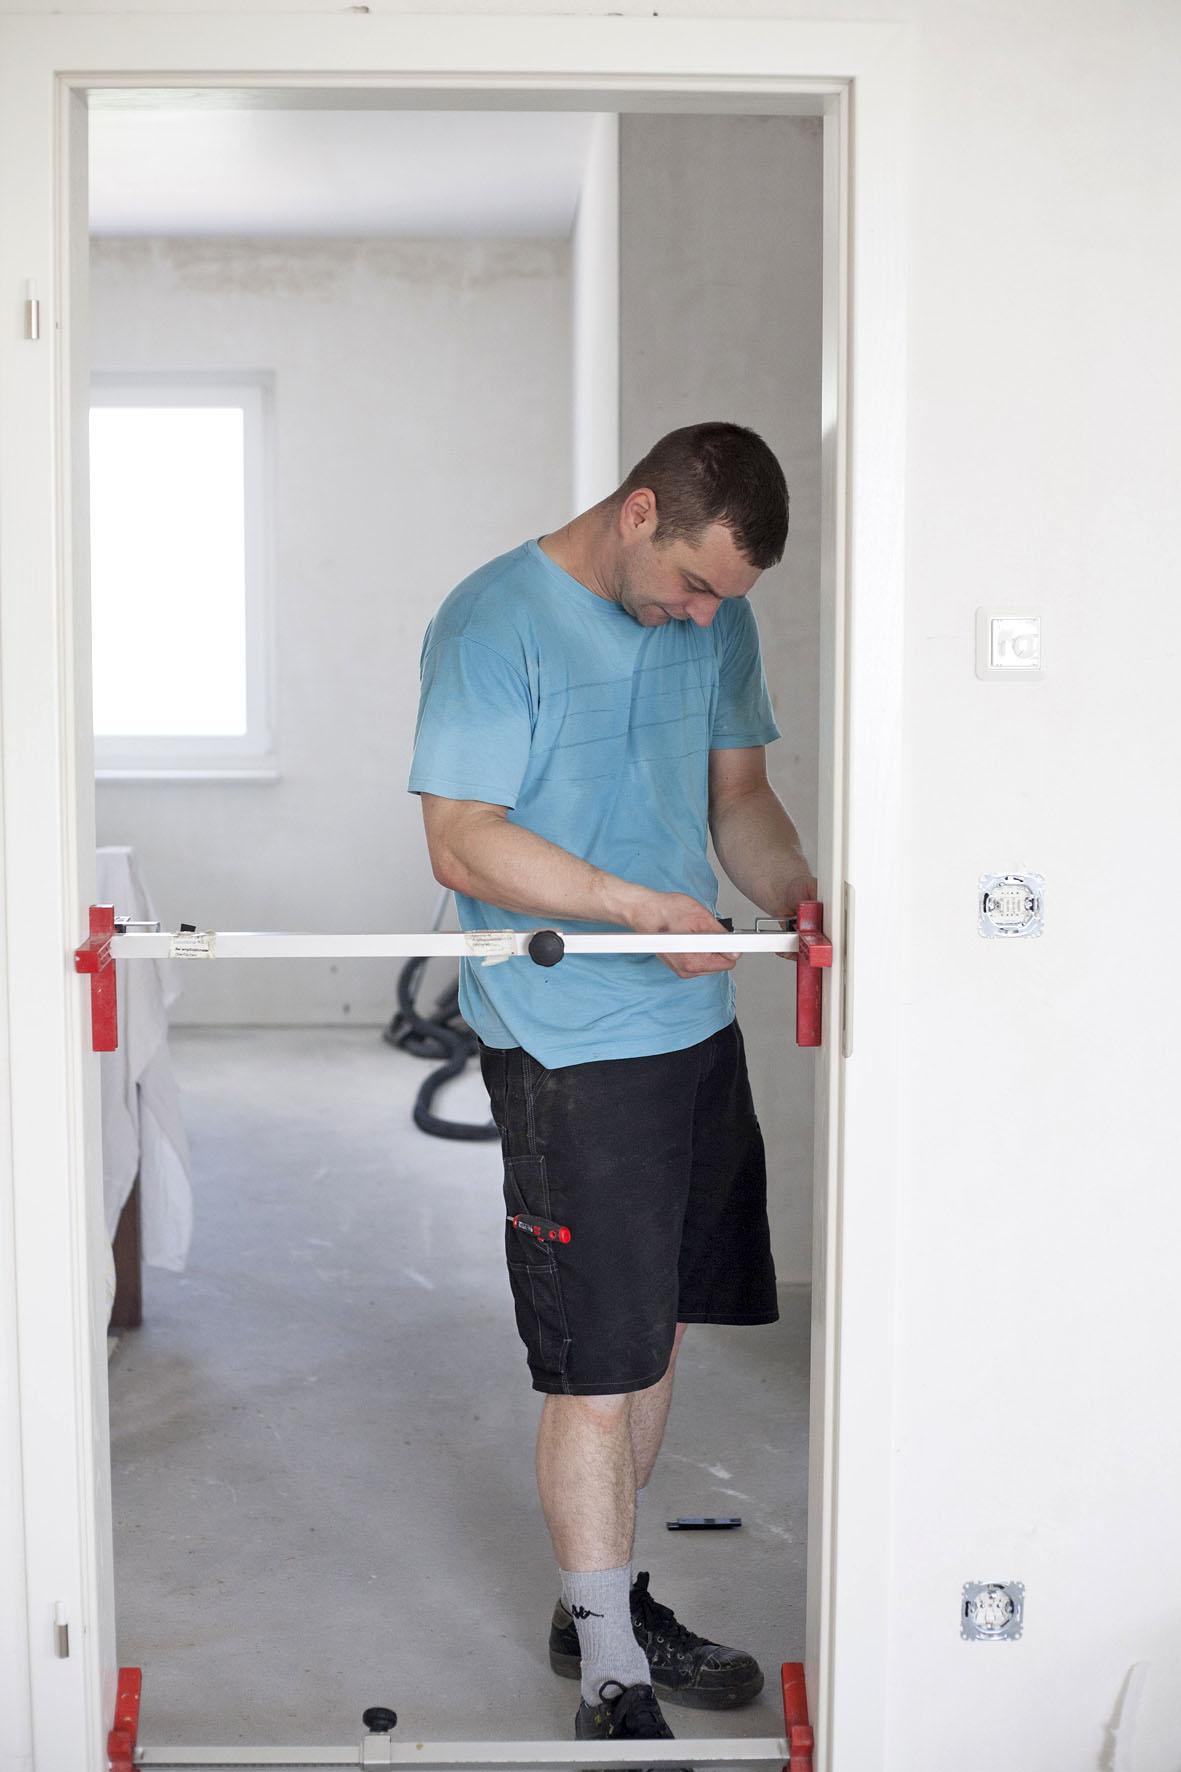 Muskelhypothek beim Hausbau